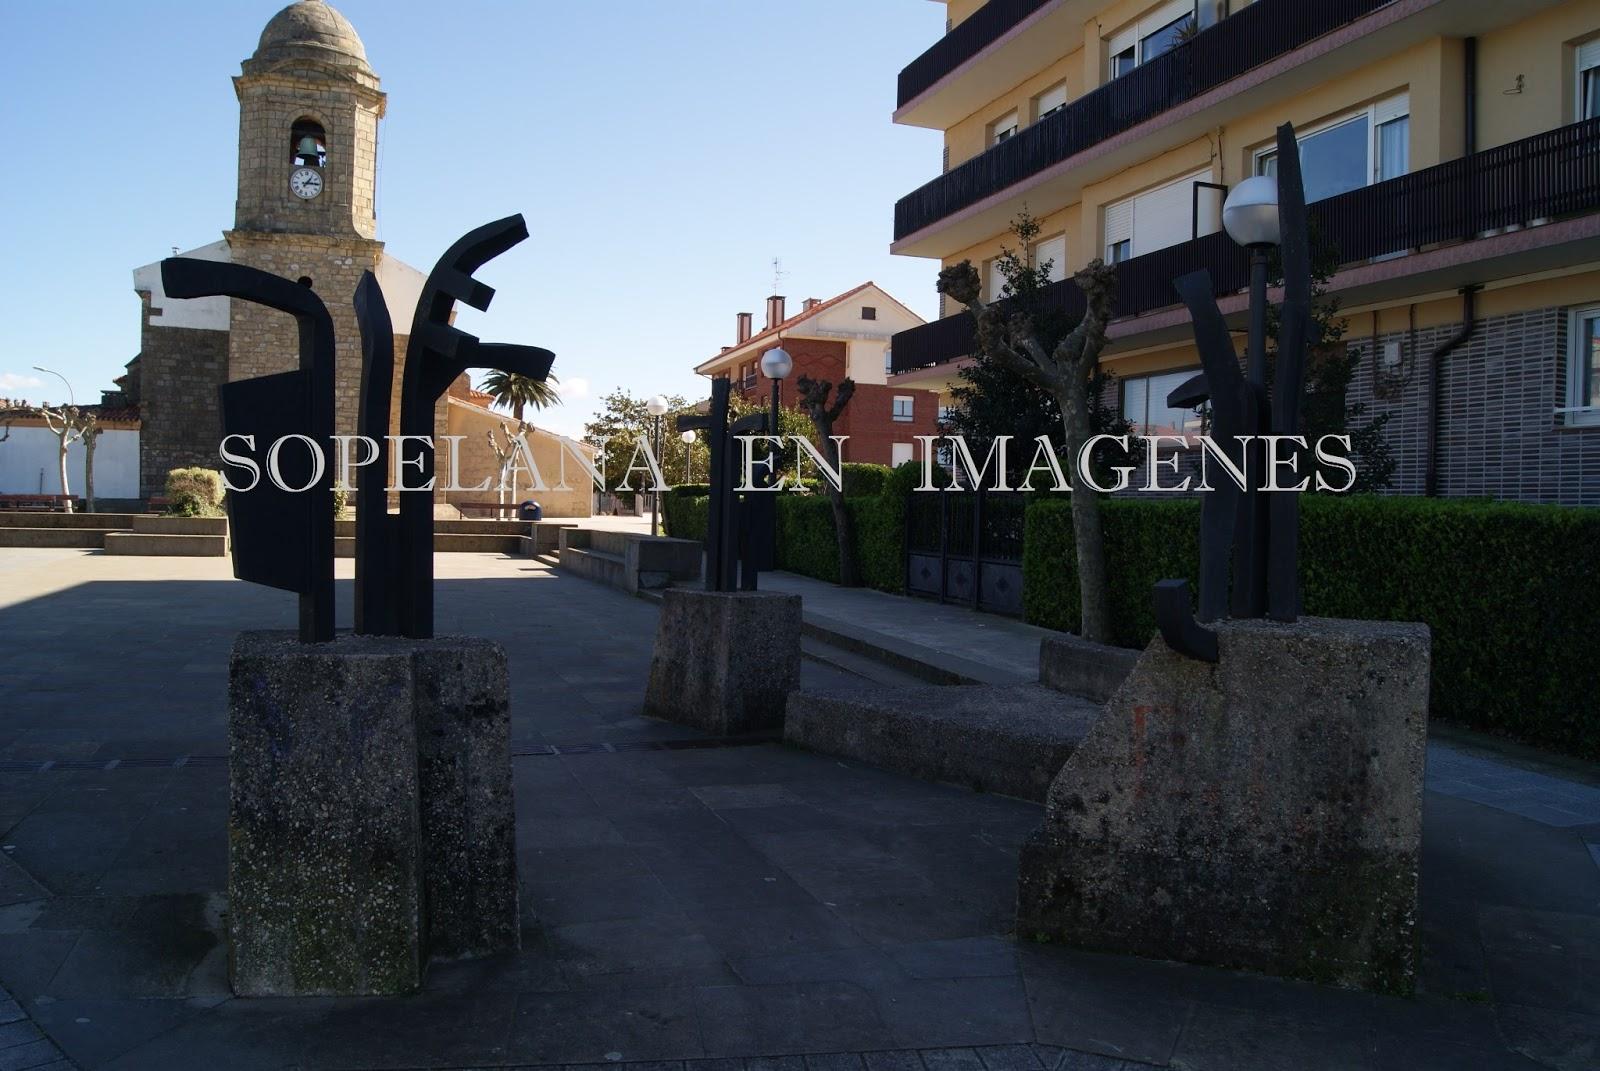 Sopelana en imagenes esculturas en sopelana ii - Piscinas de sopelana ...